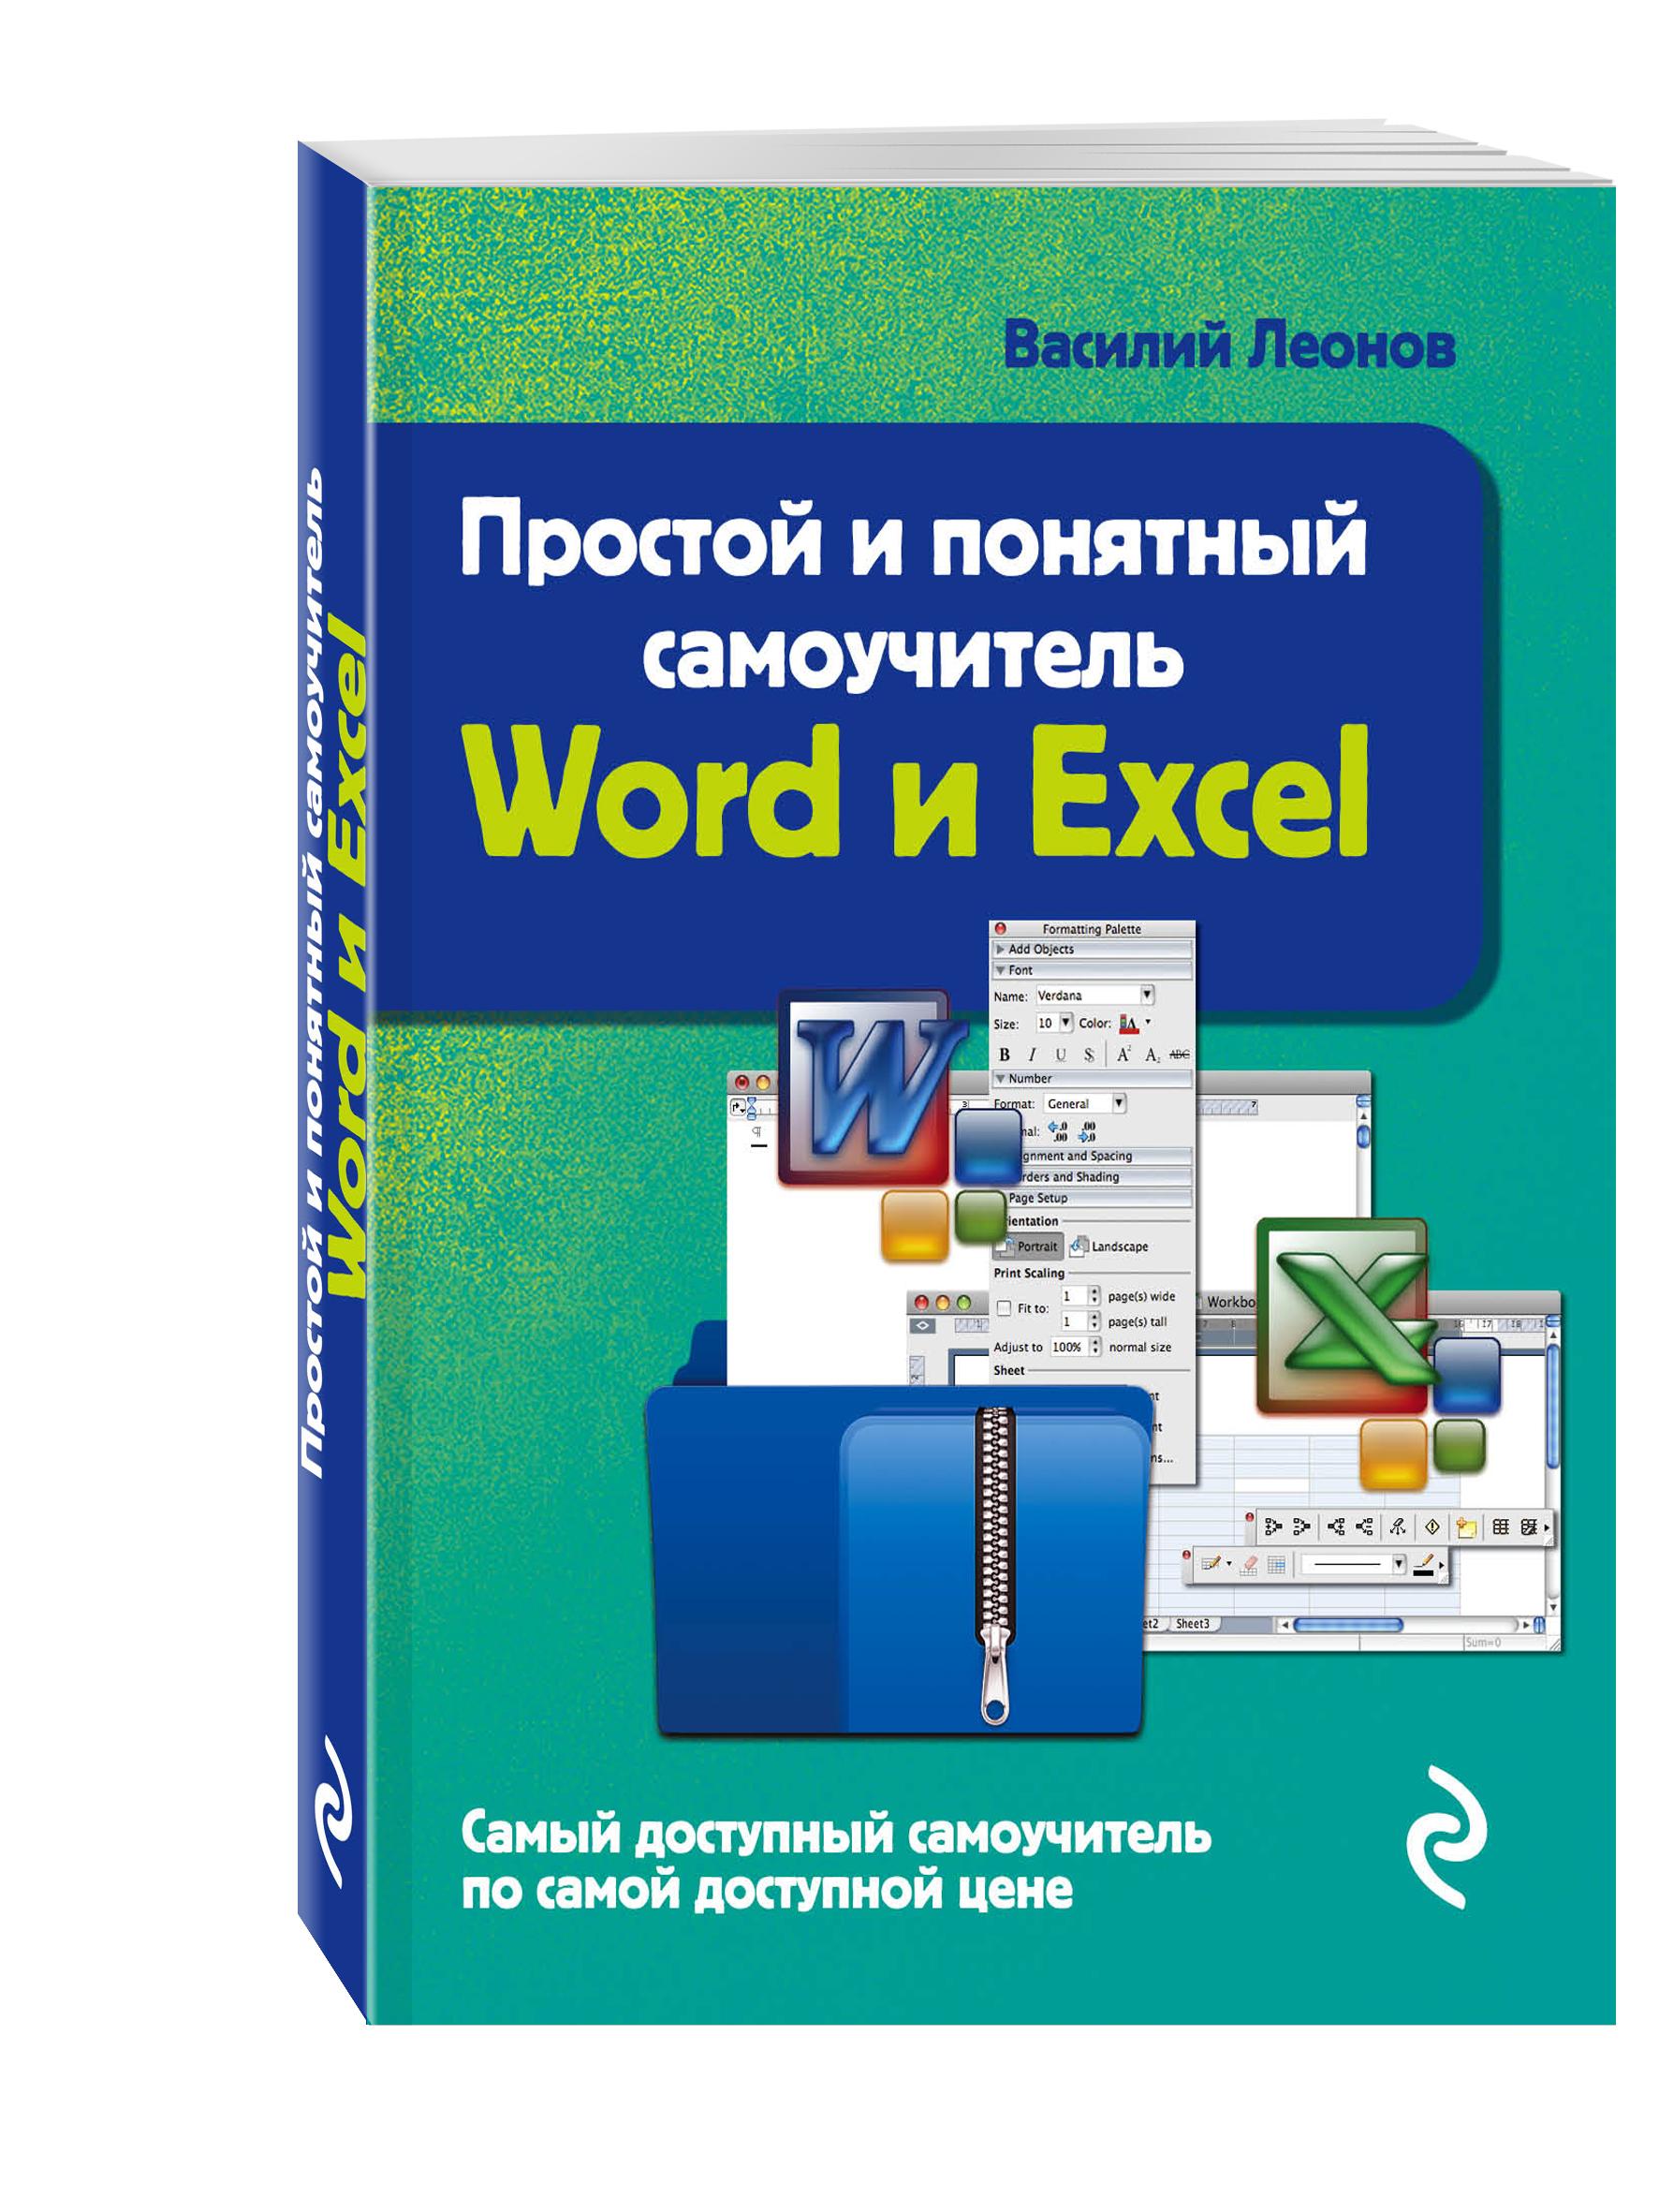 Василий Леонов Простой и понятный самоучитель Word и Excel. 2-е издание